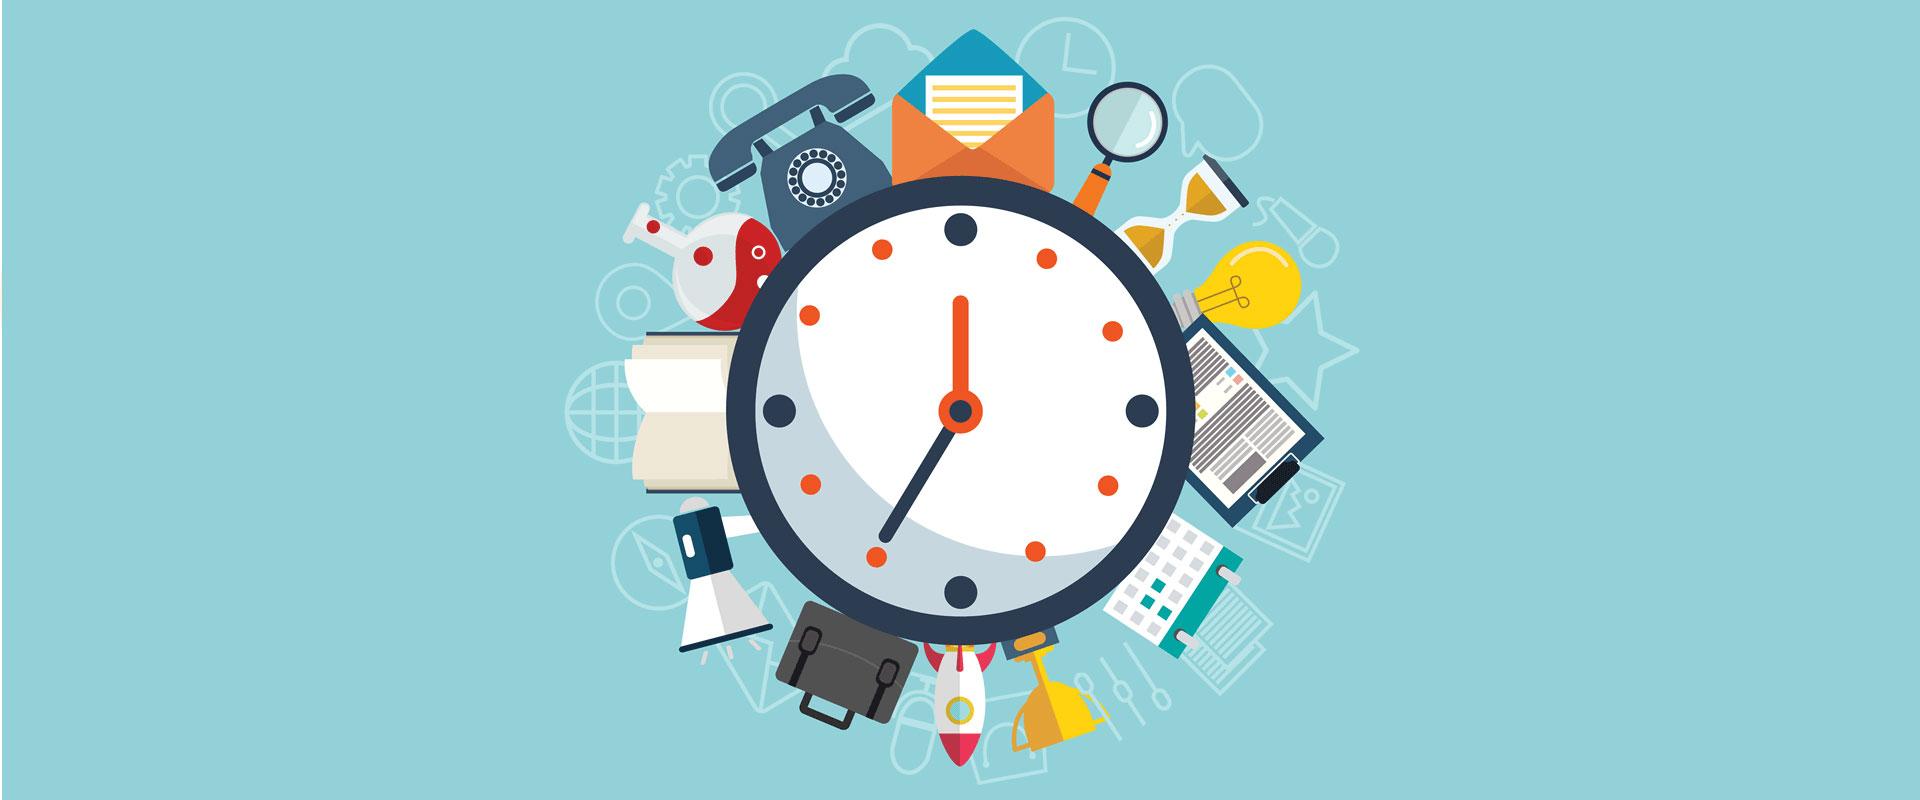 Gestione del tempo e delle riunioni